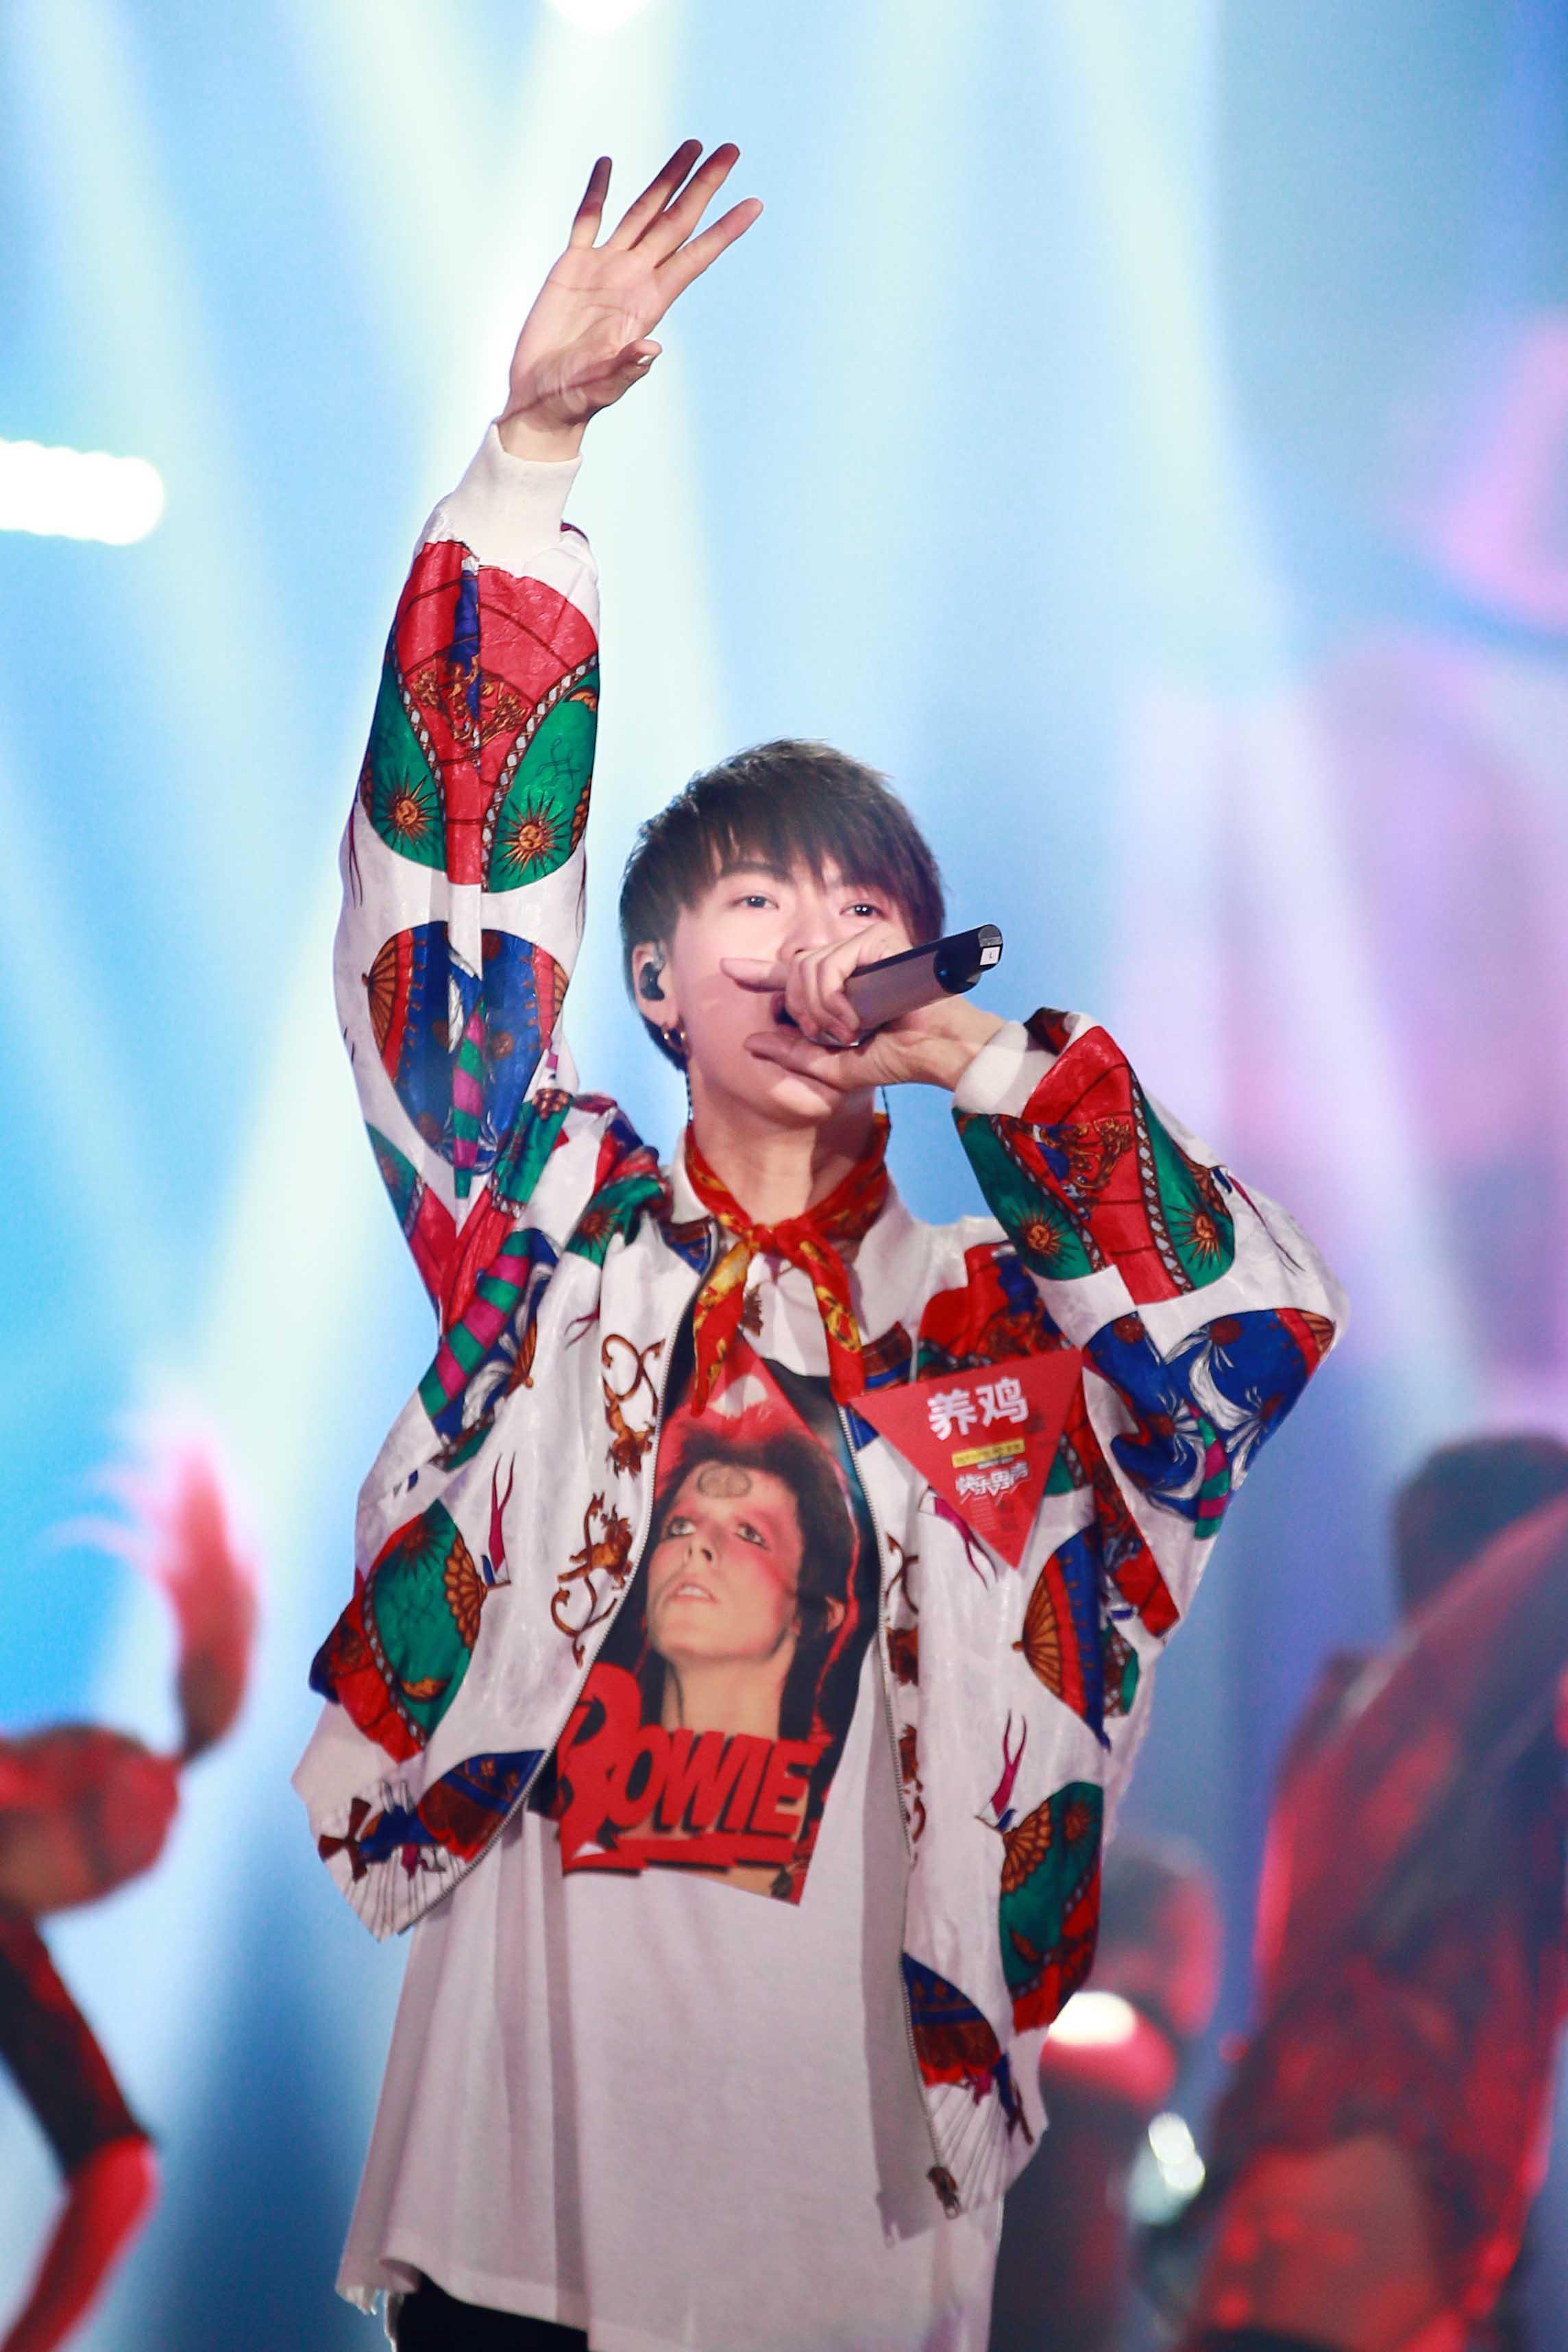 2019快男单曲排行榜_李健缺席快男录制遭团灭 罗志祥陈粒回应选手争议